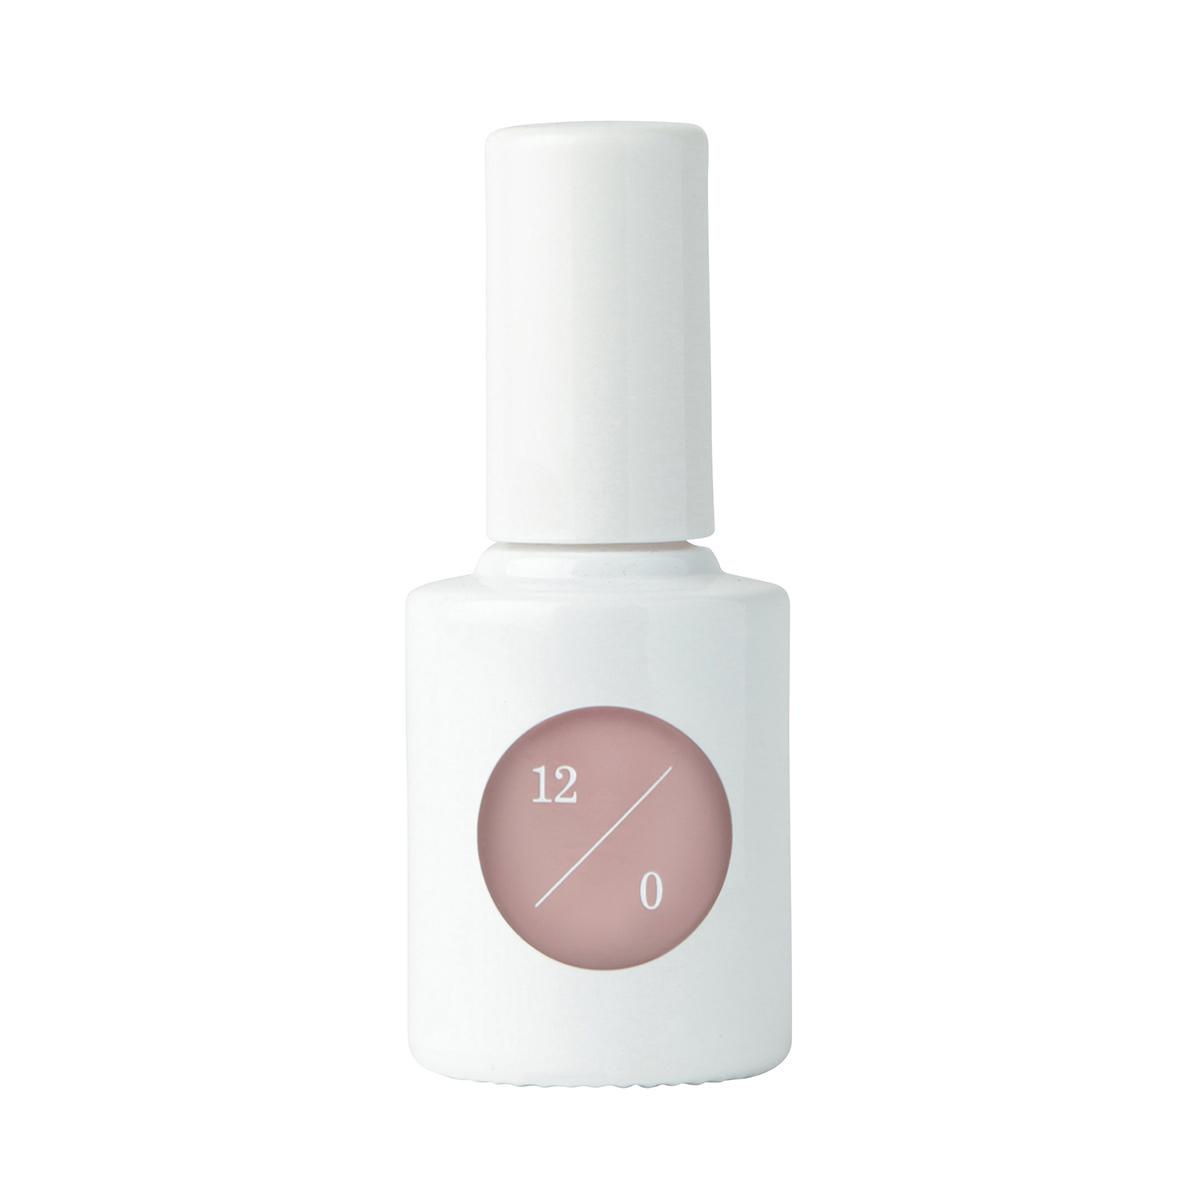 イノセントな印象の、グレーニュアンスのホワイトピンク